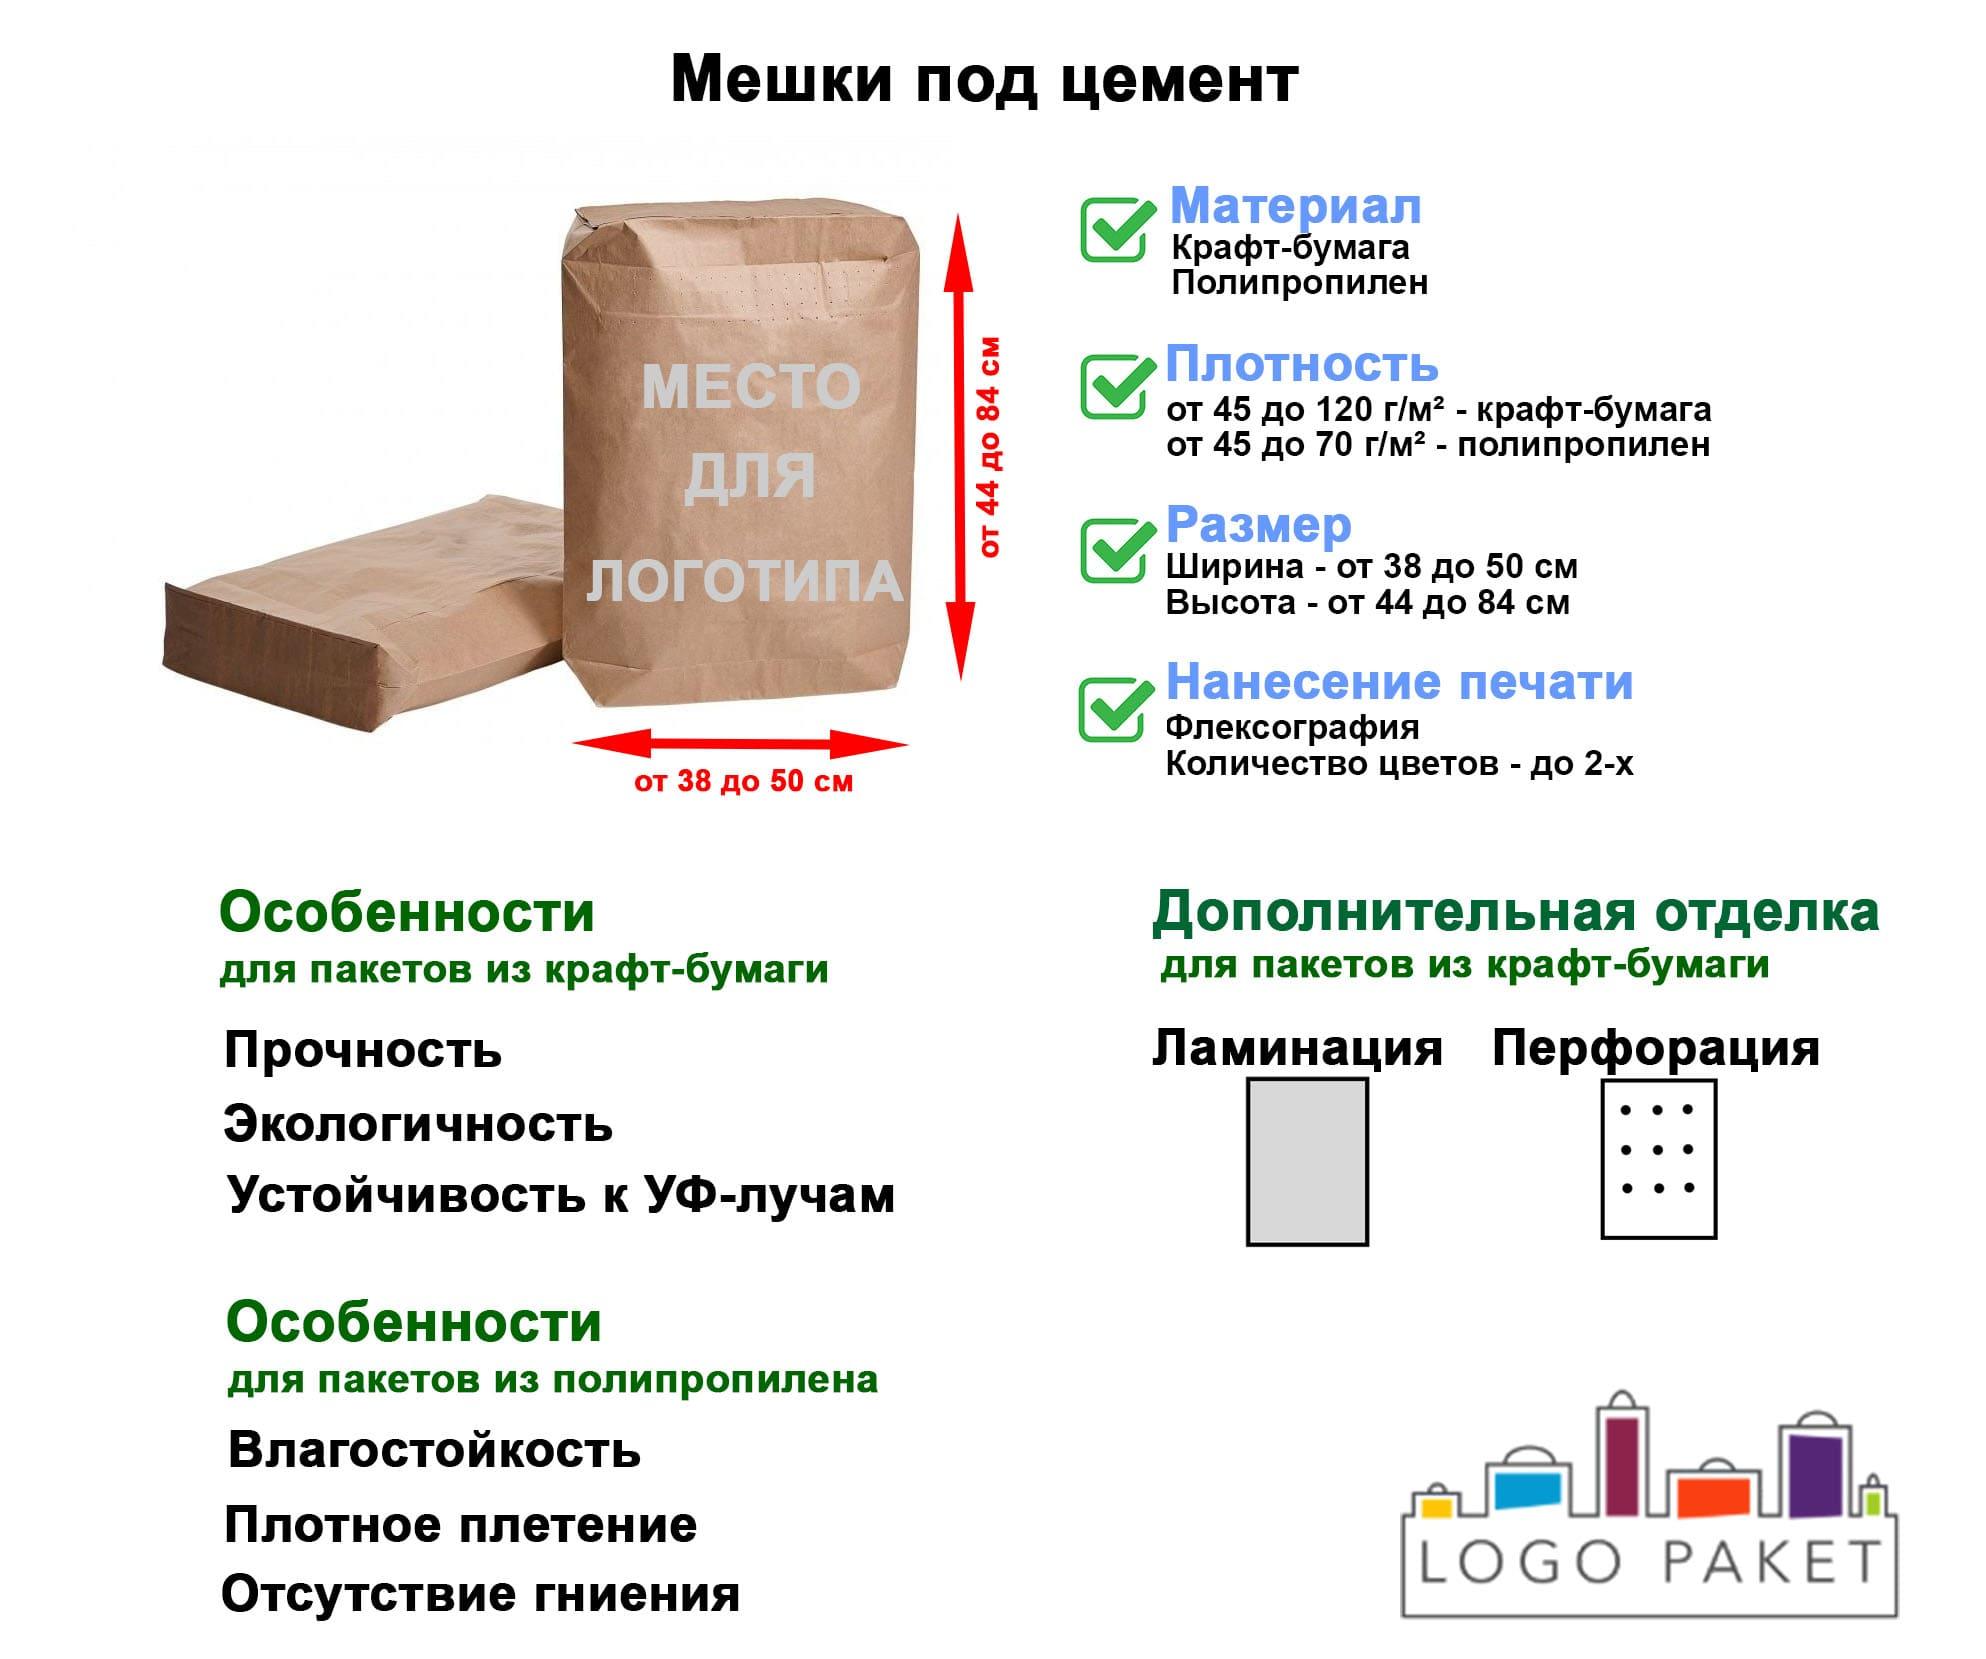 Мешки под цемент инфографика